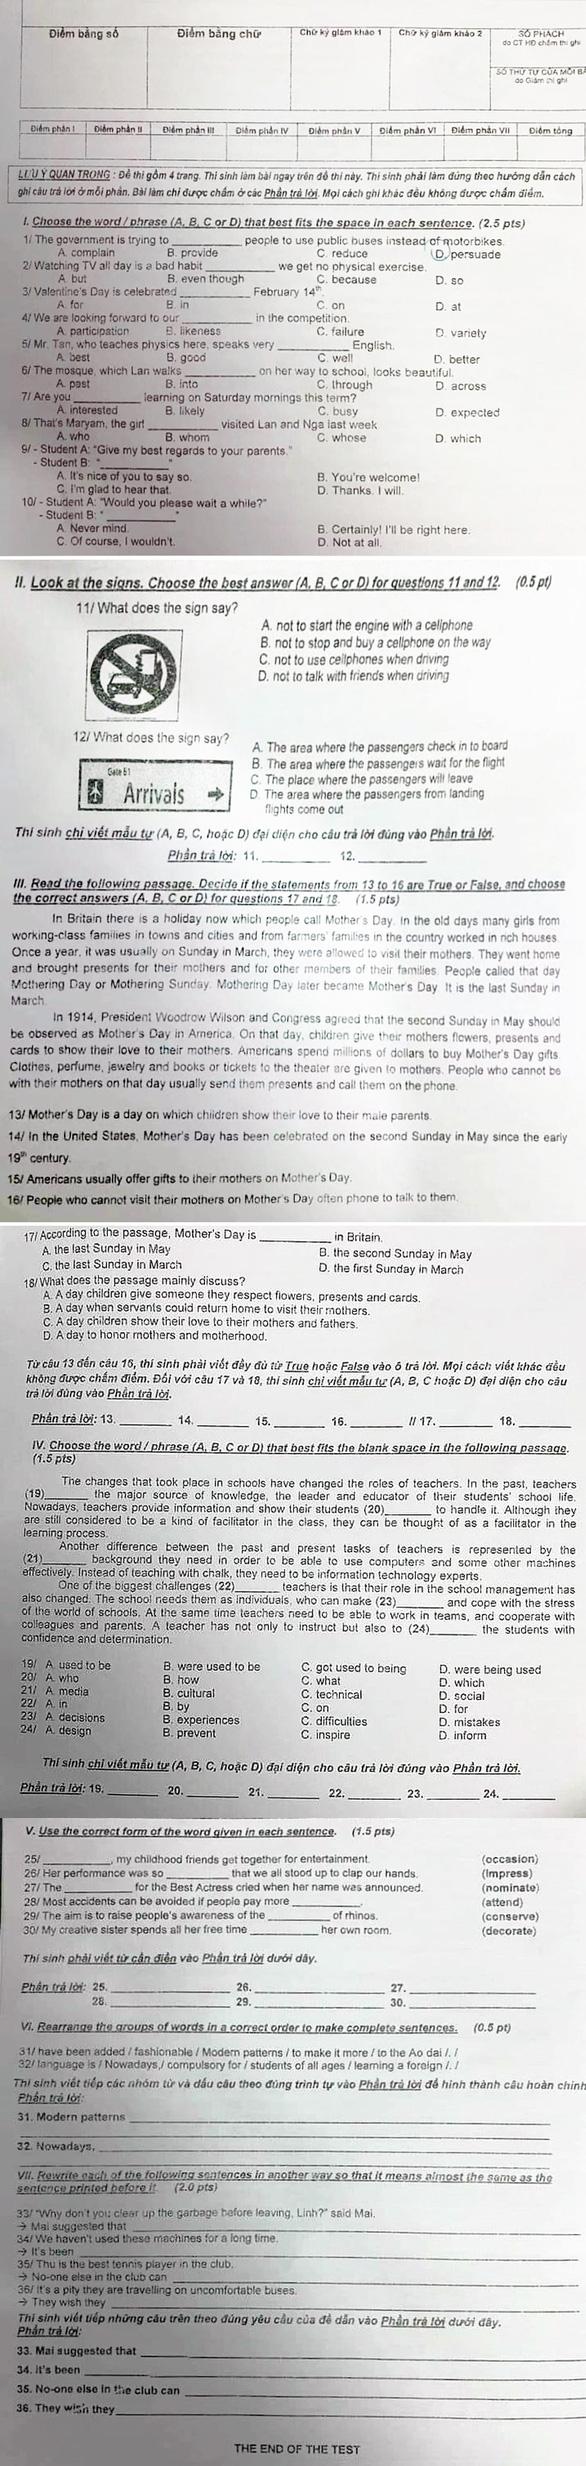 Đề thi và gợi ý bài giải môn tiếng Anh thi vào lớp 10 TP.HCM - Ảnh 1.